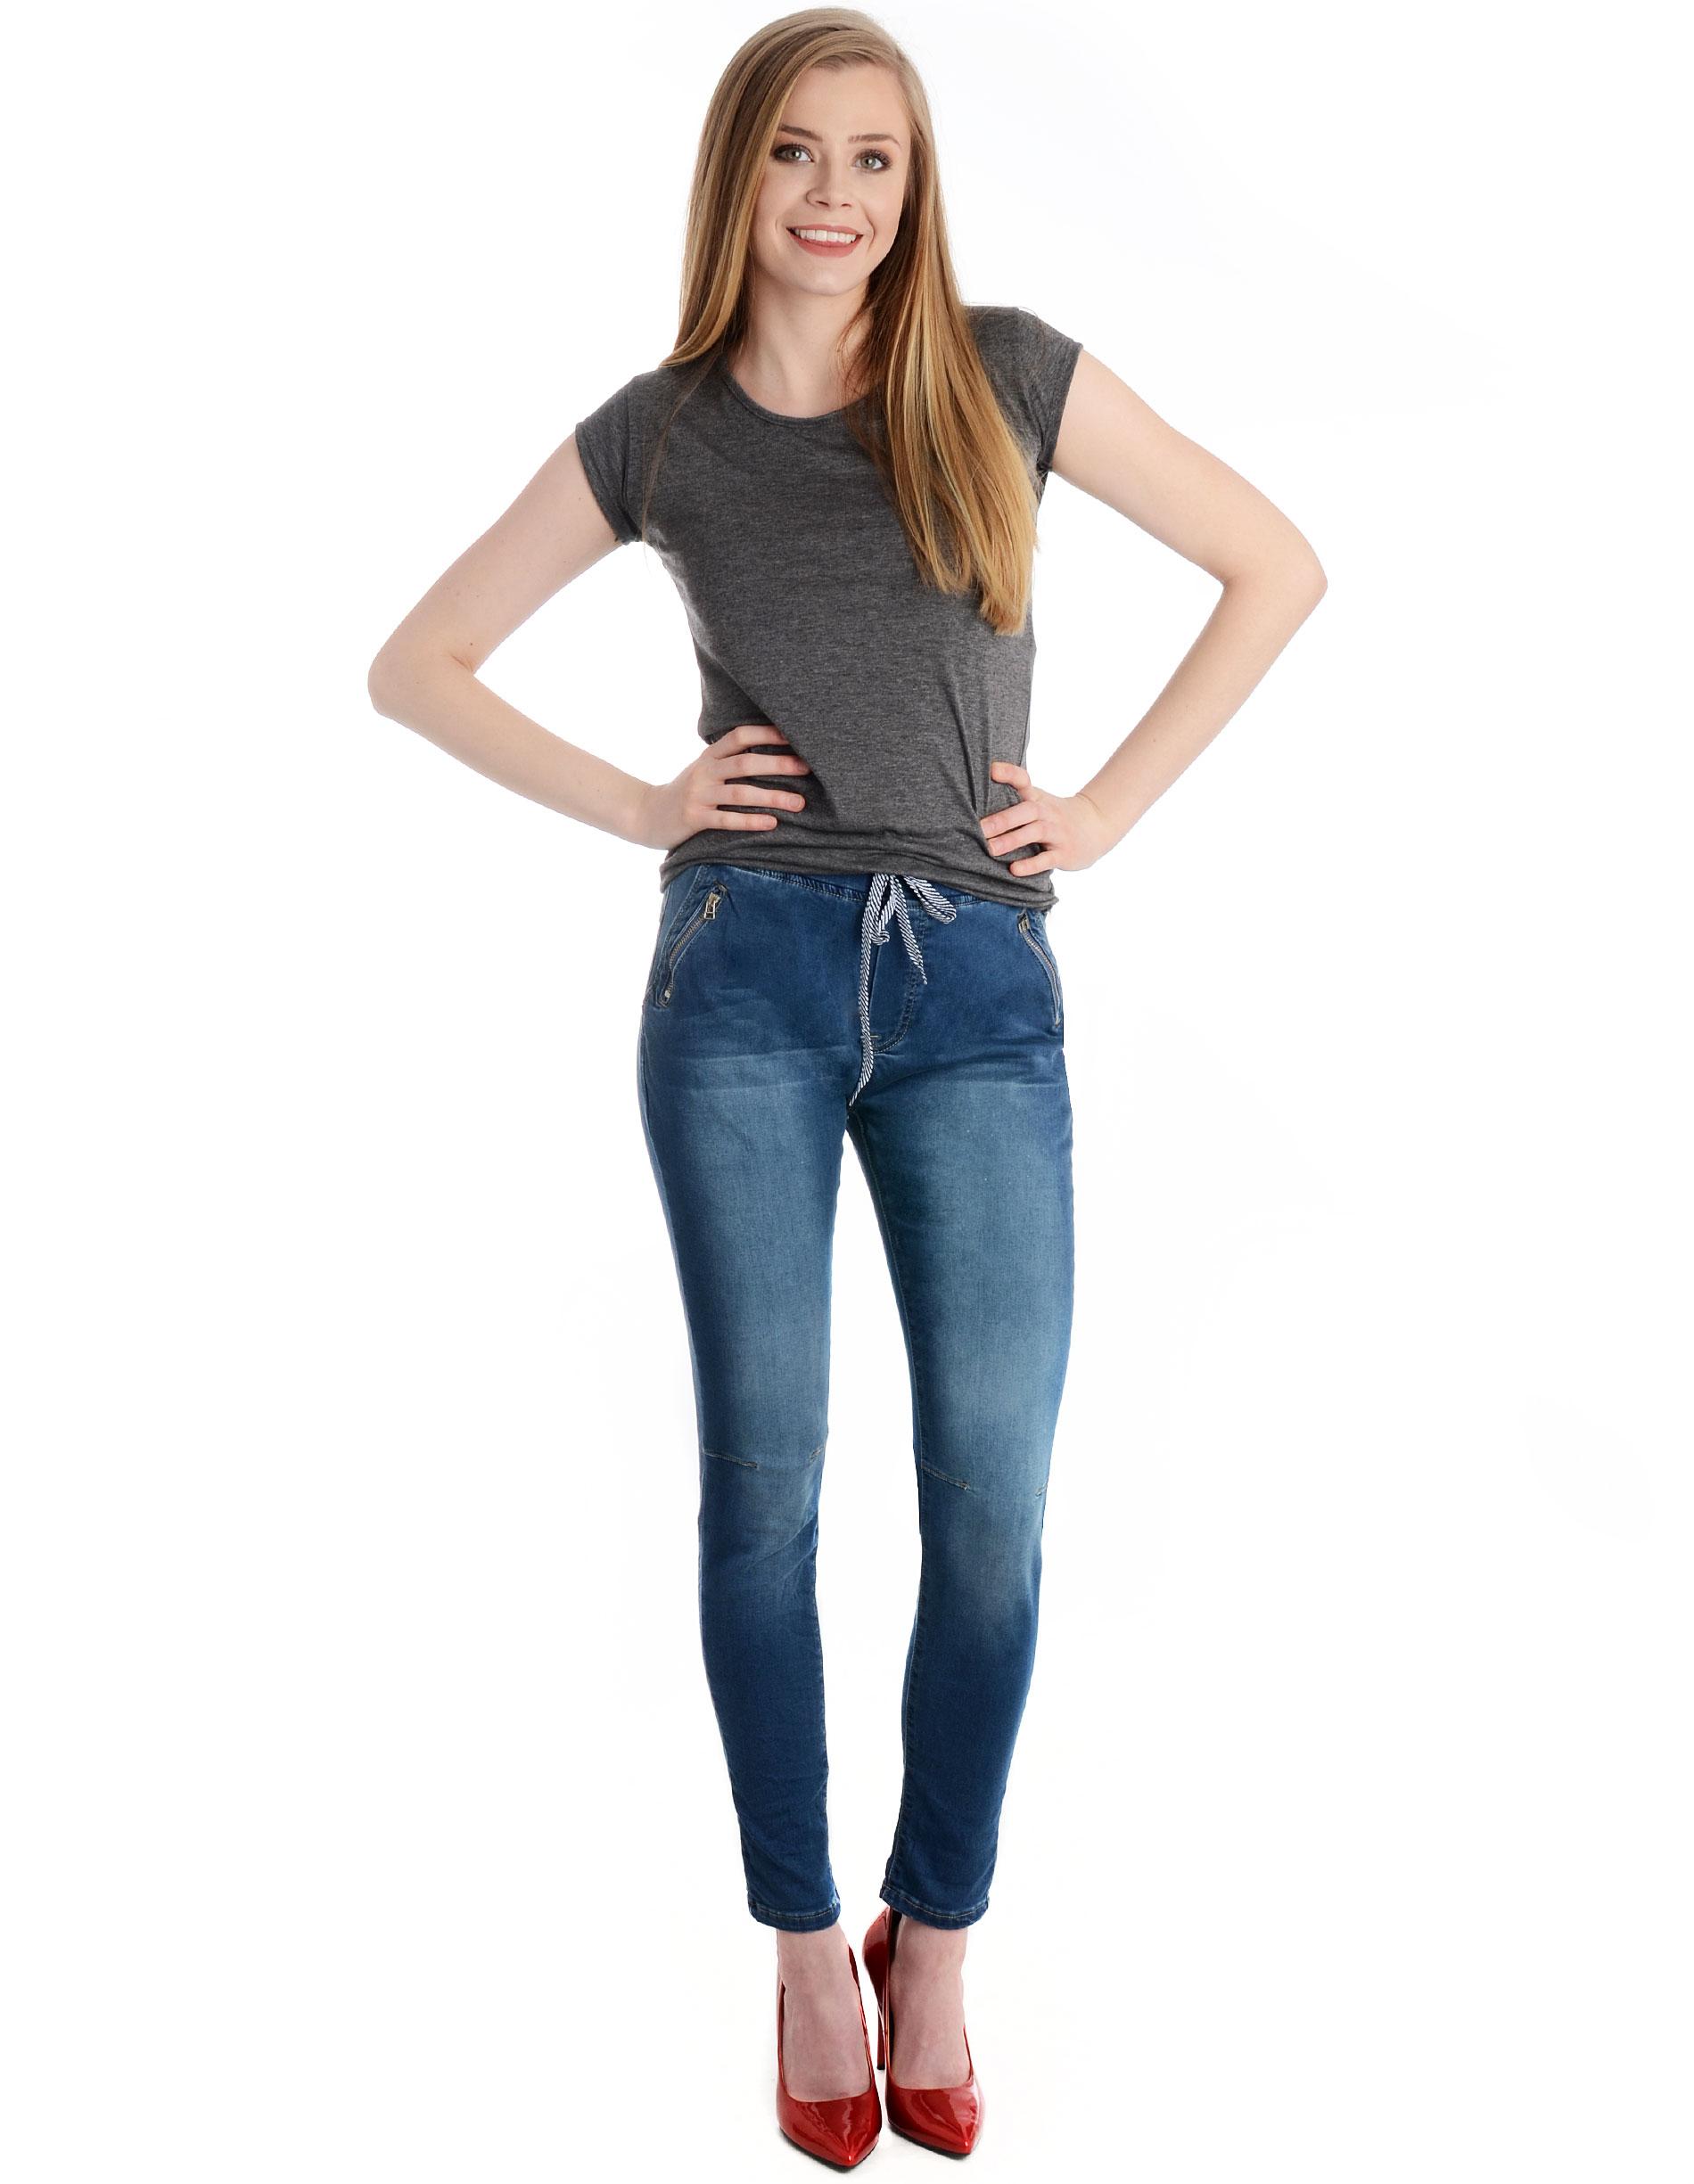 Spodnie - 42-6202 JEANS - Unisono